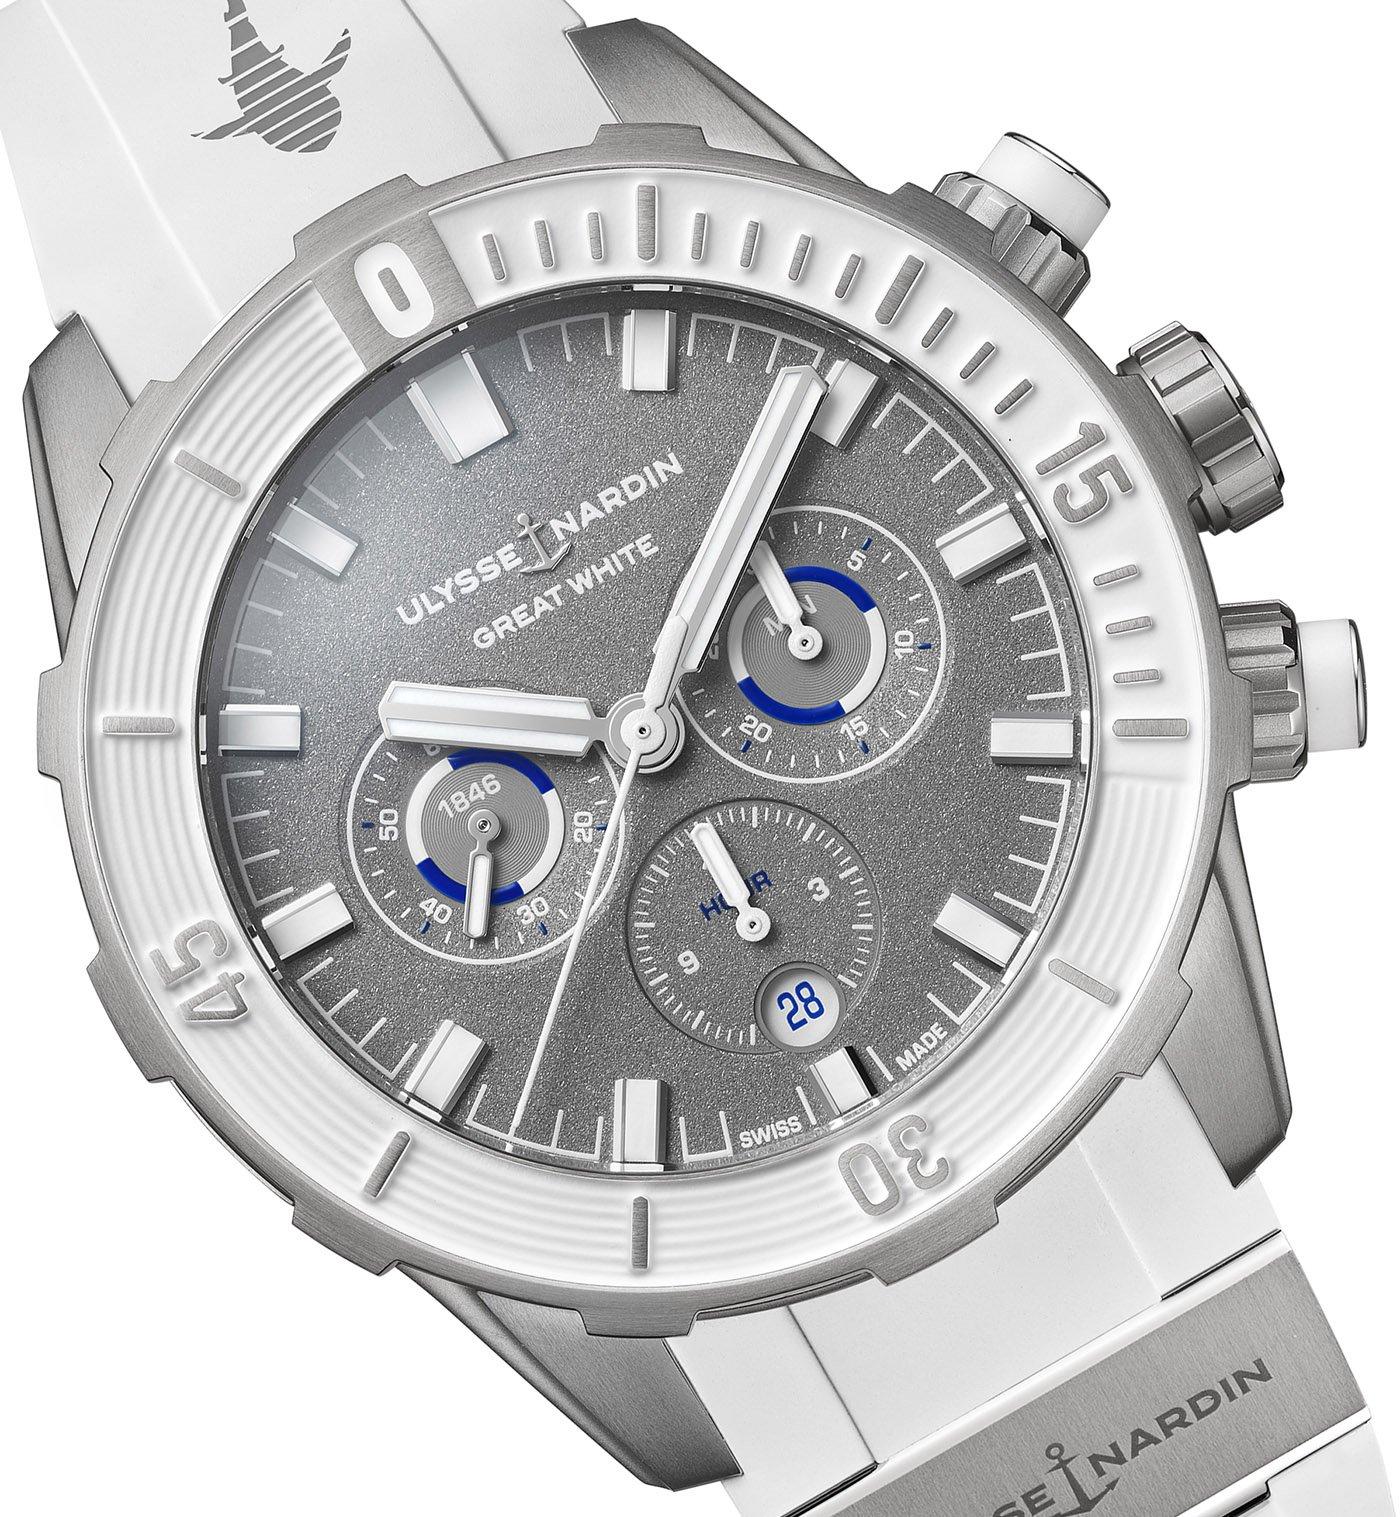 Ulysse Nardin представляет хронограф Diver Chronograph 44 мм ограниченной серии Great White Watch